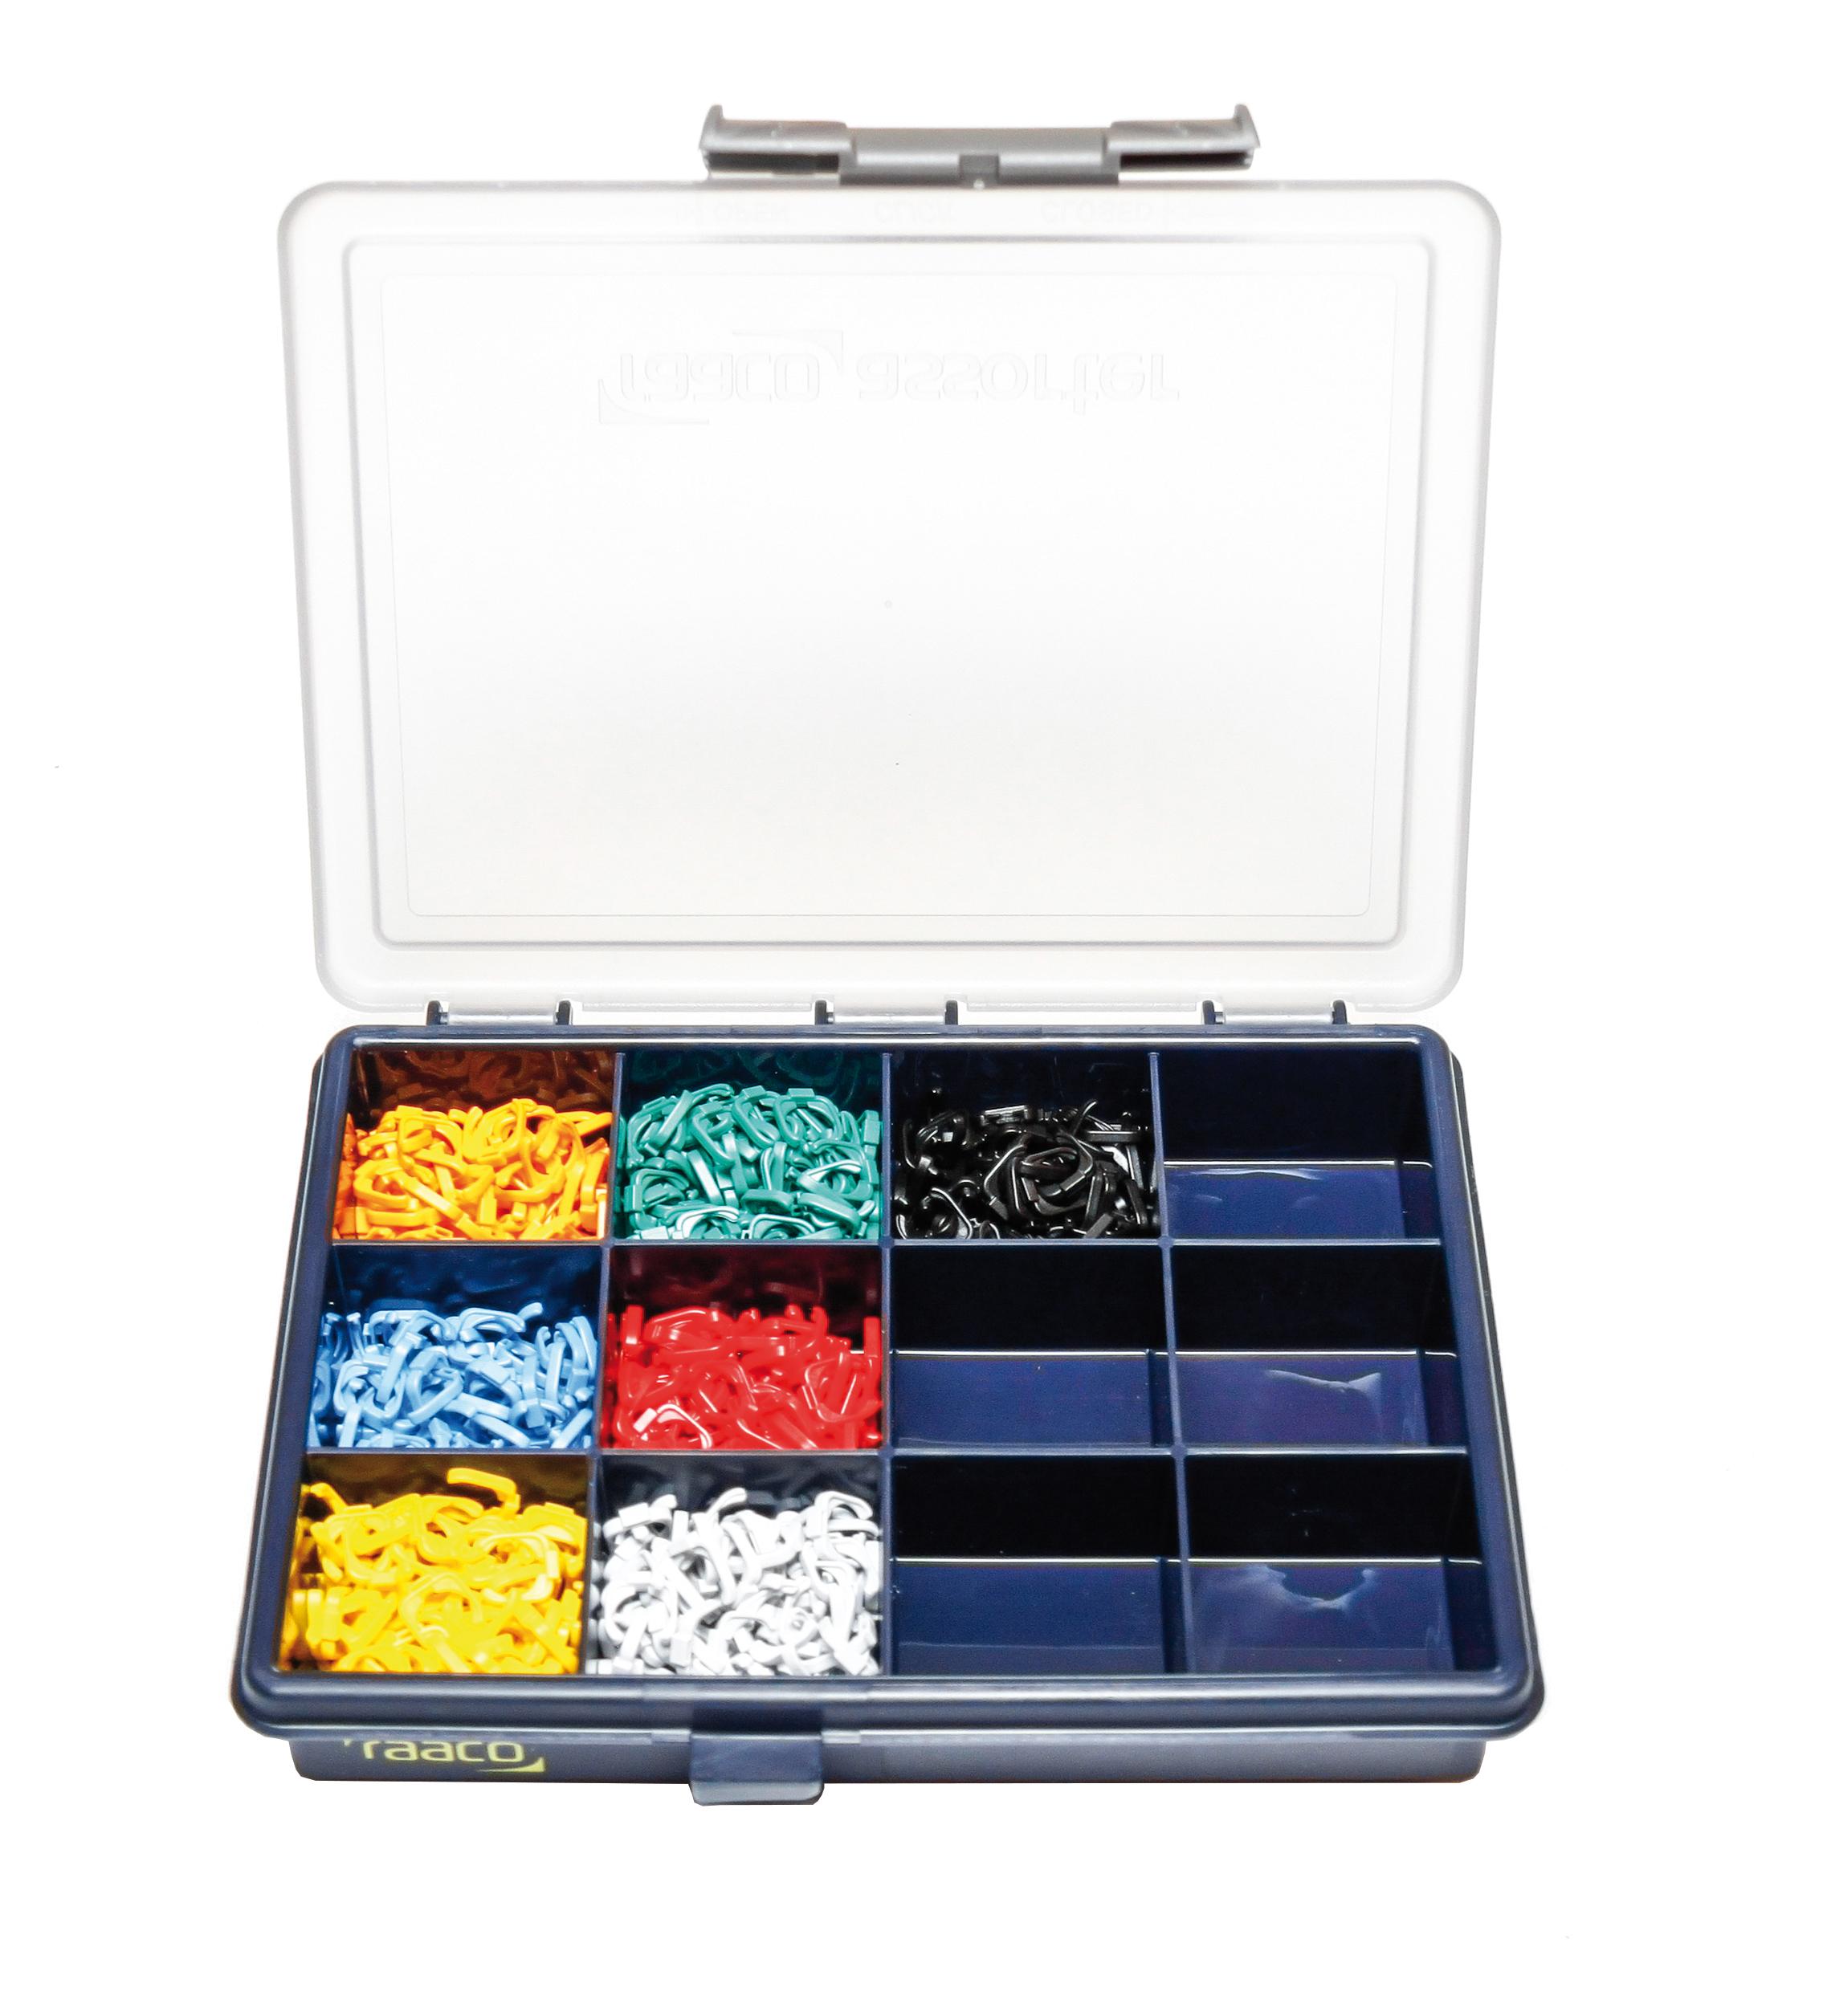 1 Stk Farbkodierung Sortimentsbox für DualBoot -, PushPull - HLEDCLIPBX